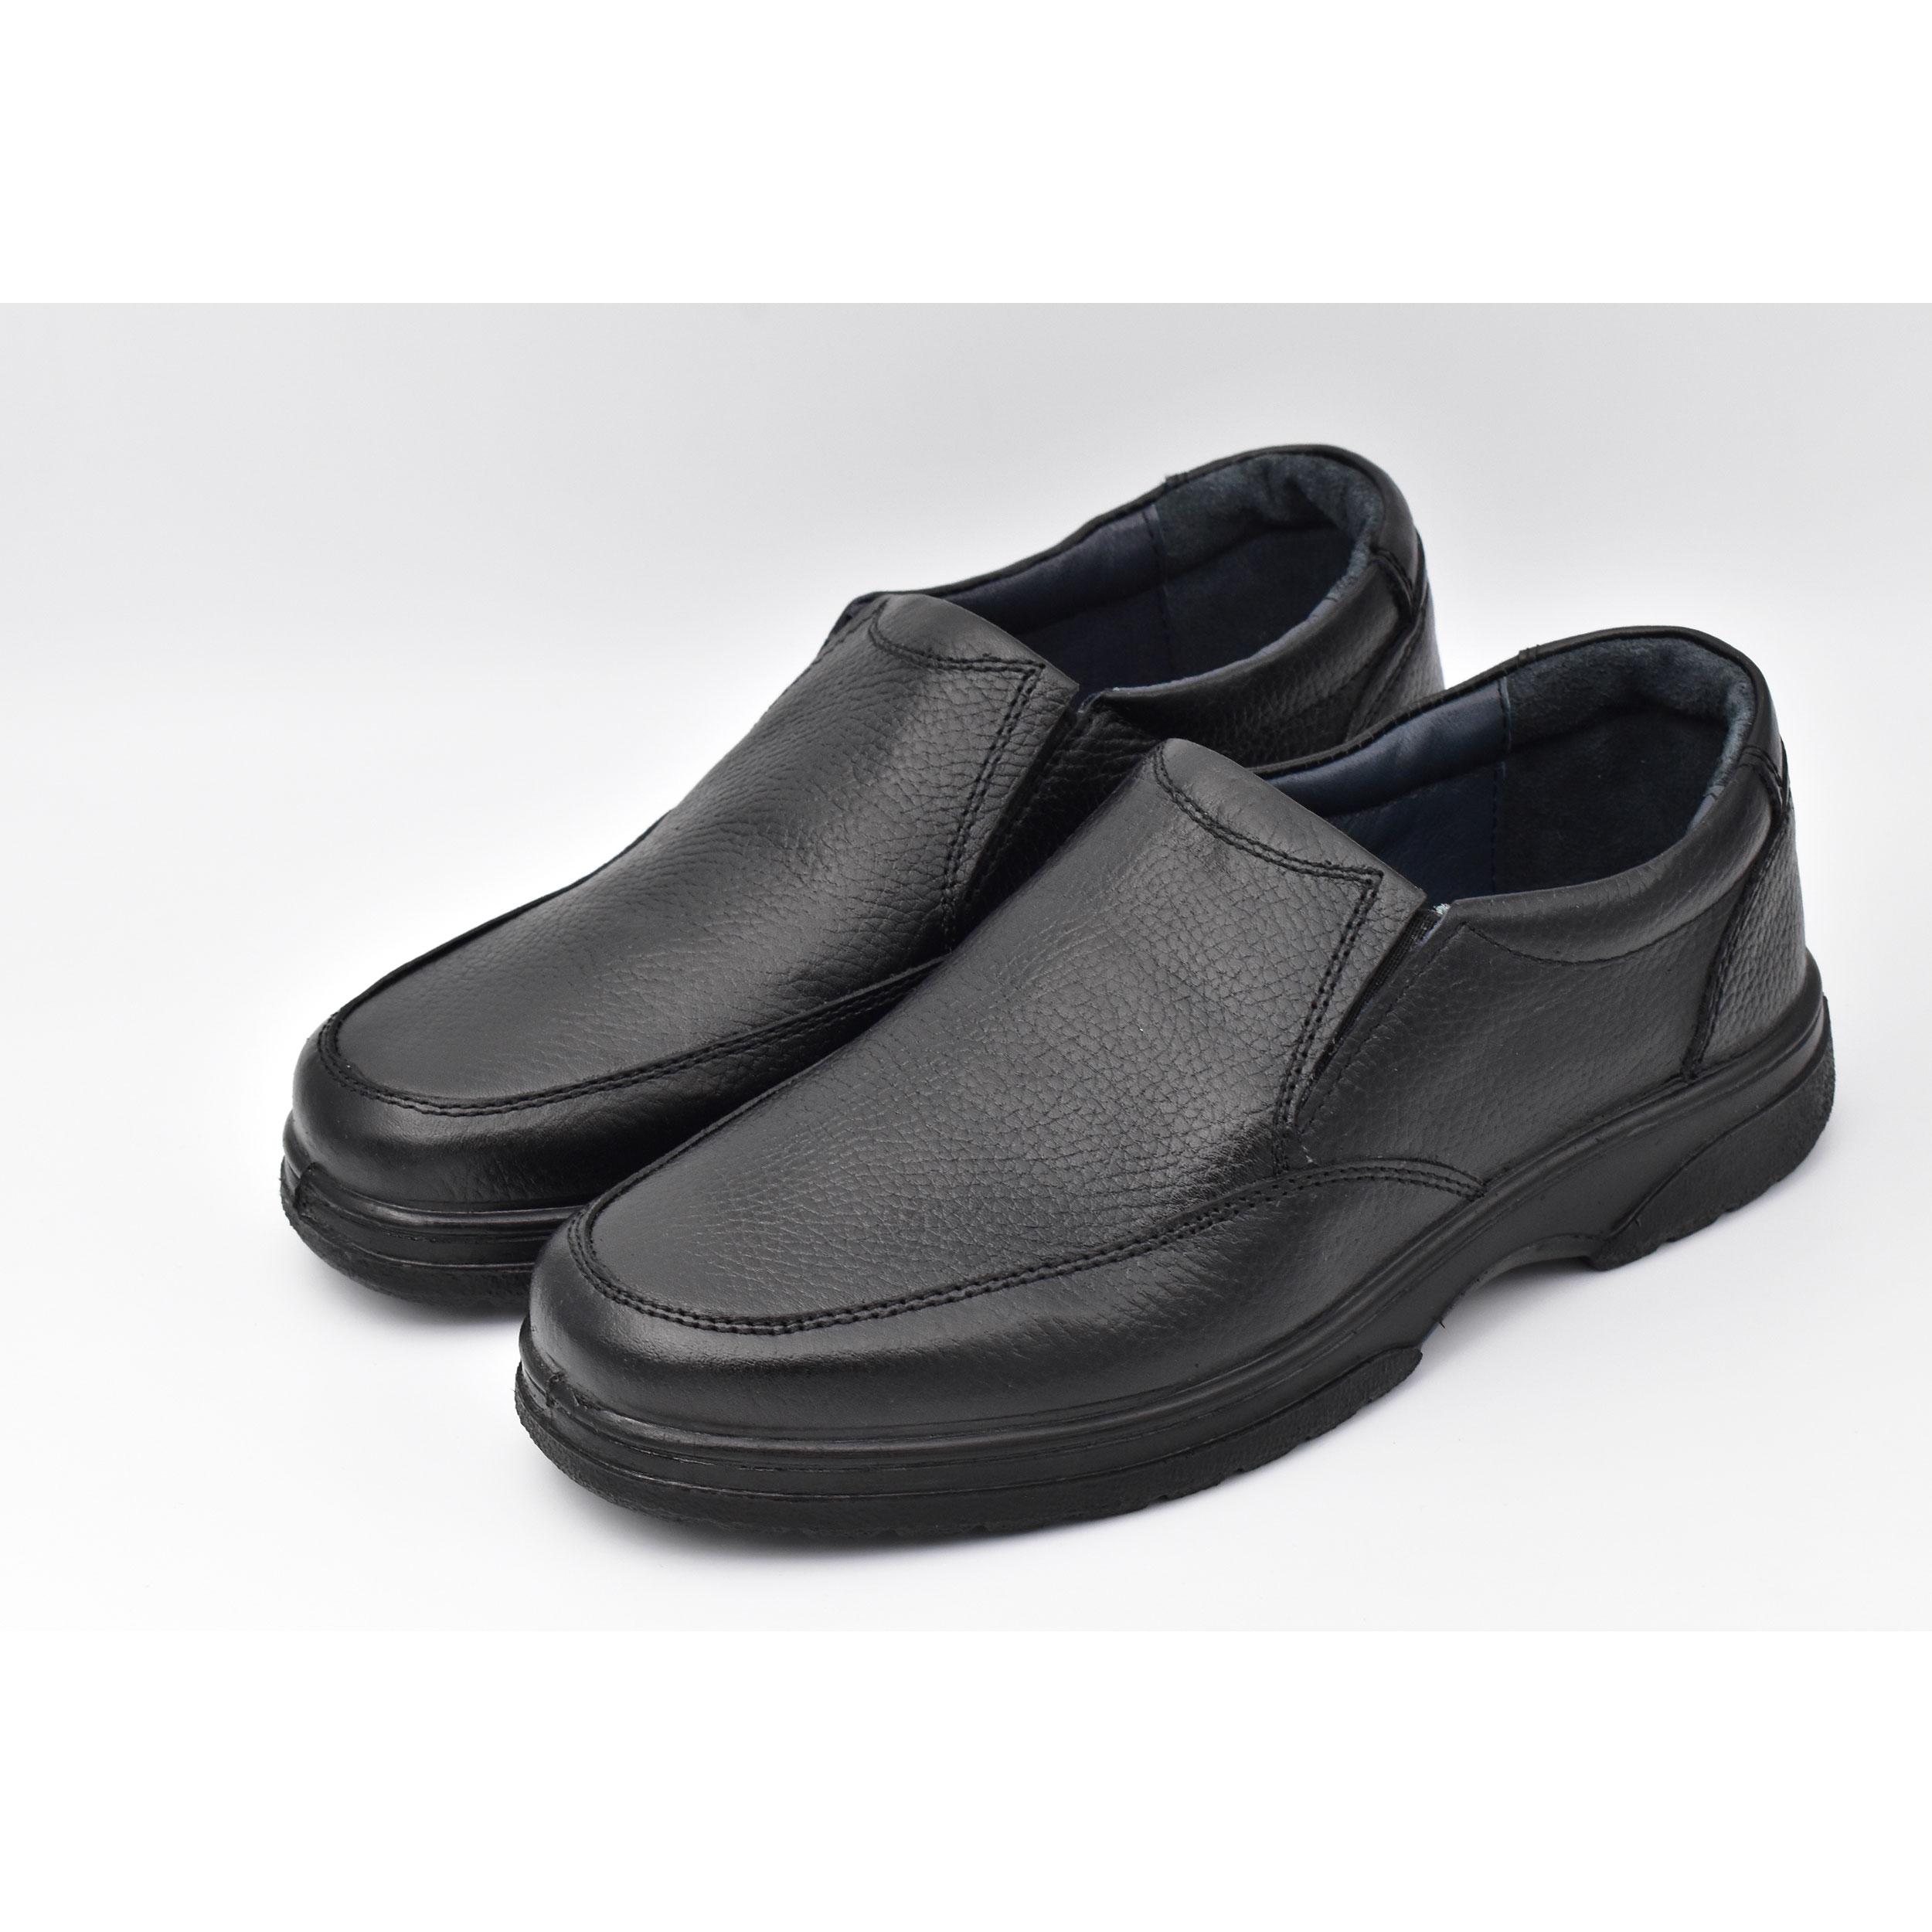 خرید                                     کفش روزمره مردانه پاما مدل ZR کد 8142